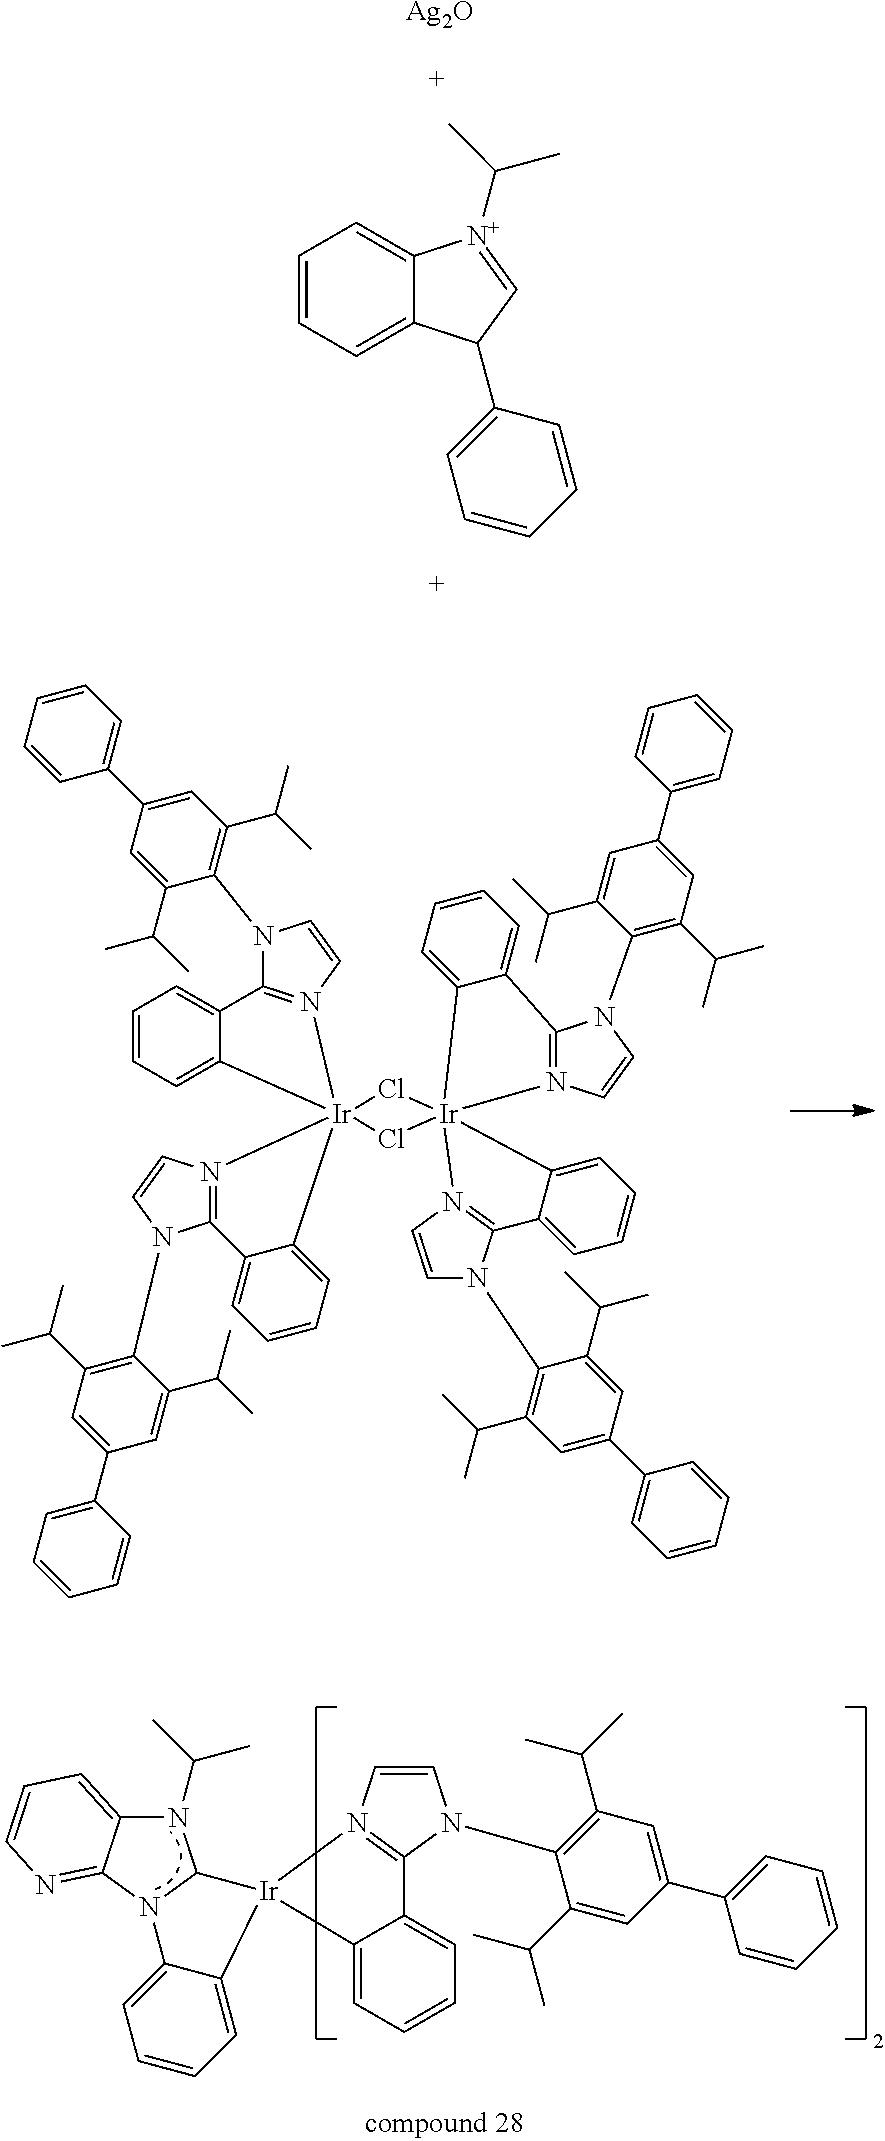 Figure US09972793-20180515-C00287